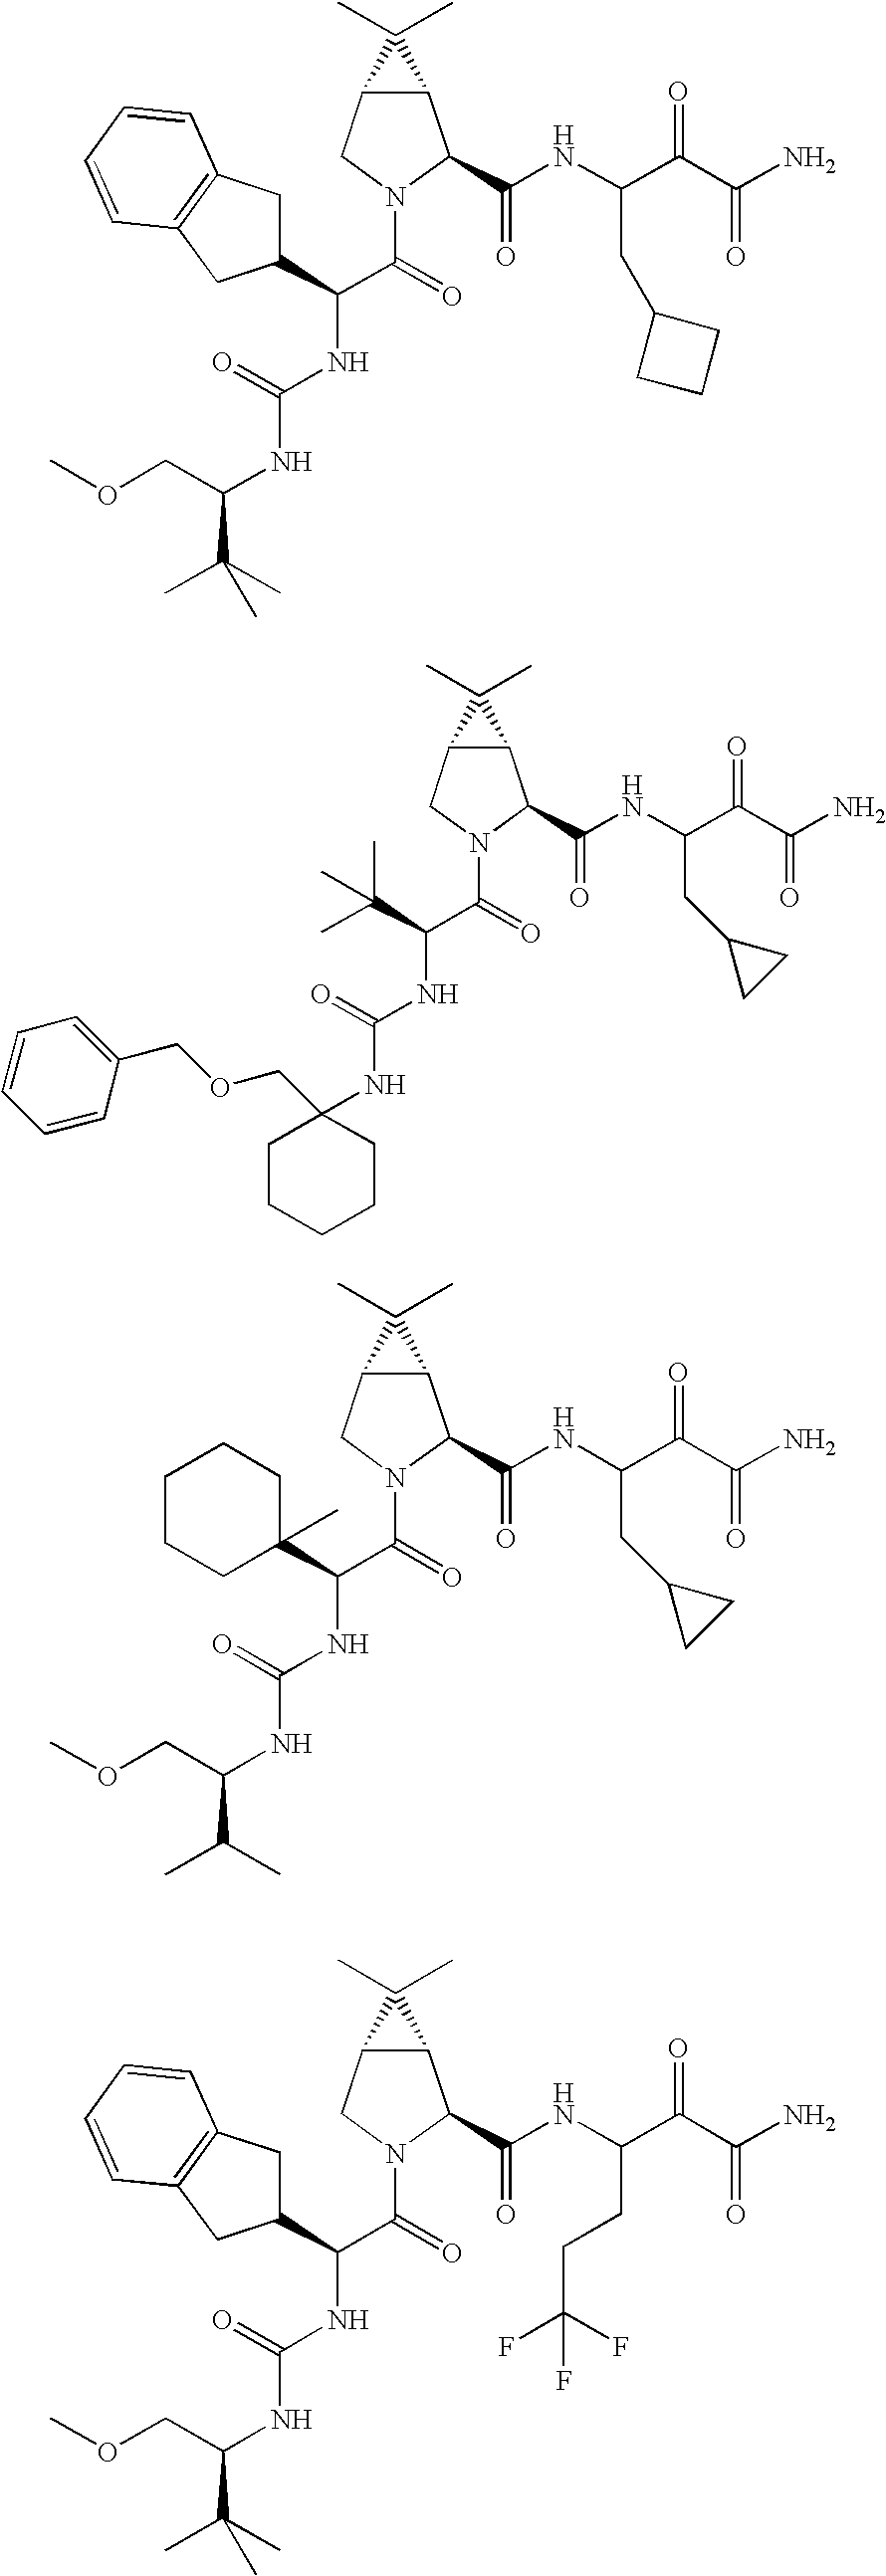 Figure US20060287248A1-20061221-C00355